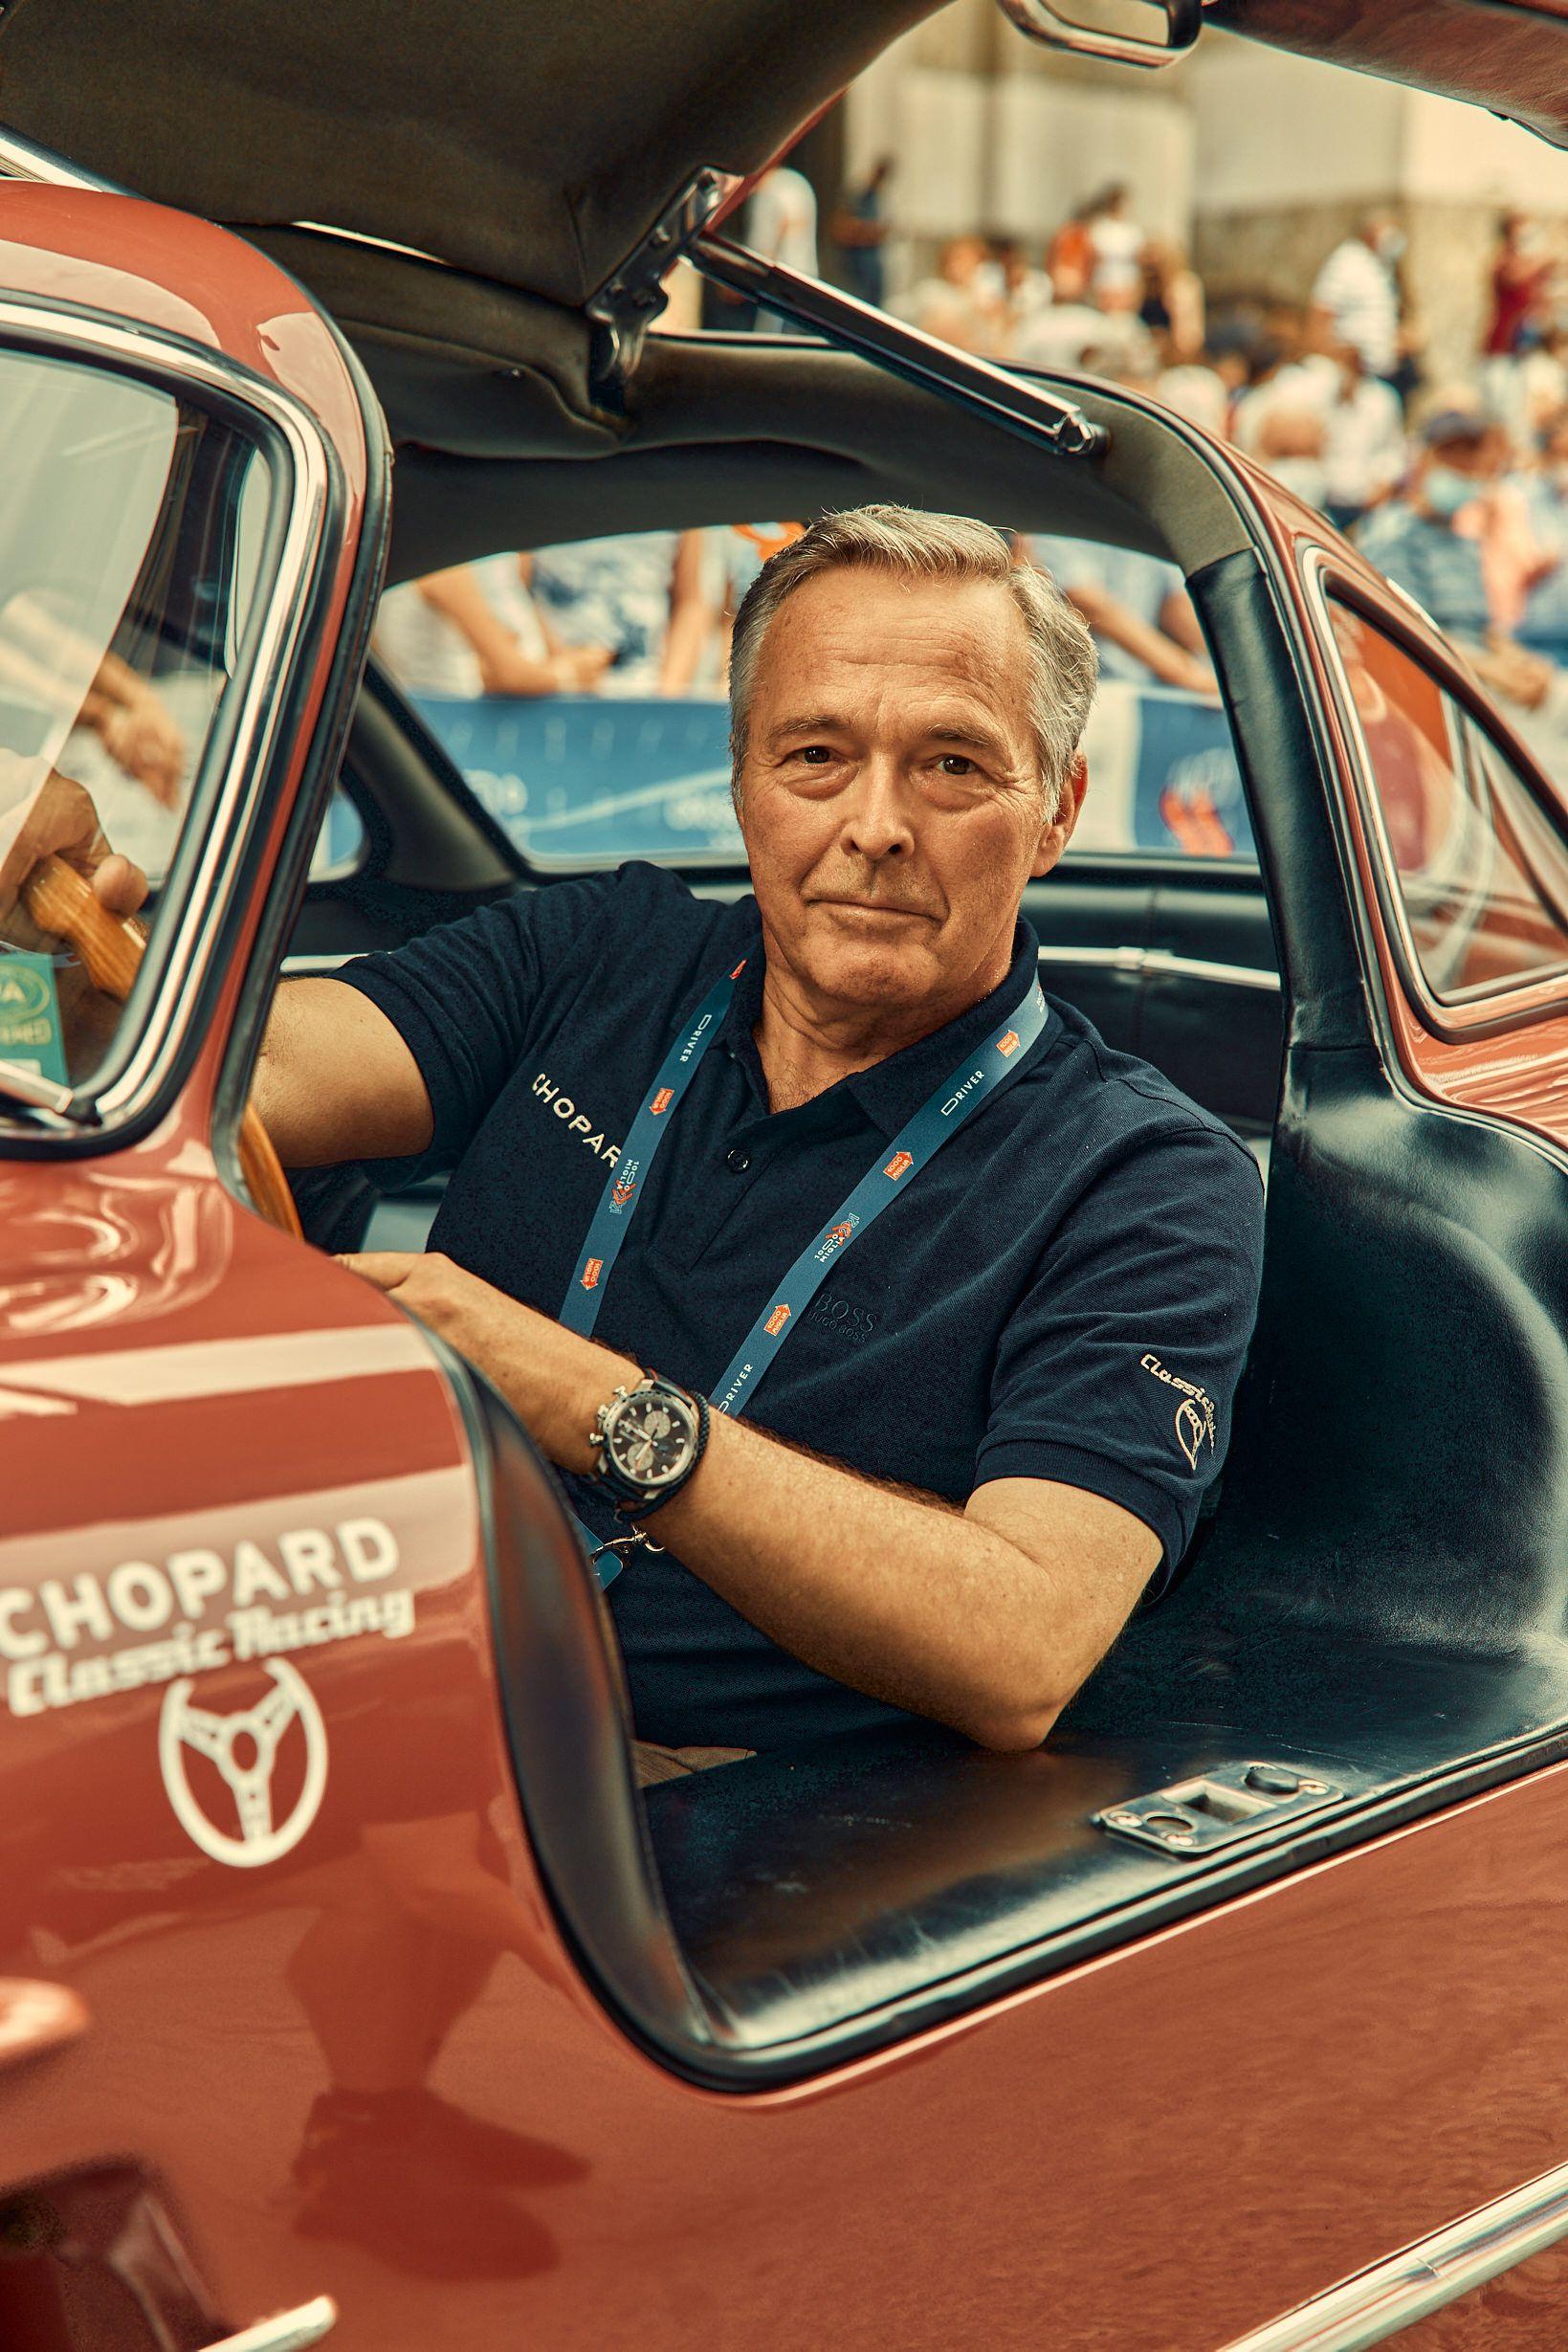 Imagem da notícia: Chopard na linha de partida da Mille Miglia 2021